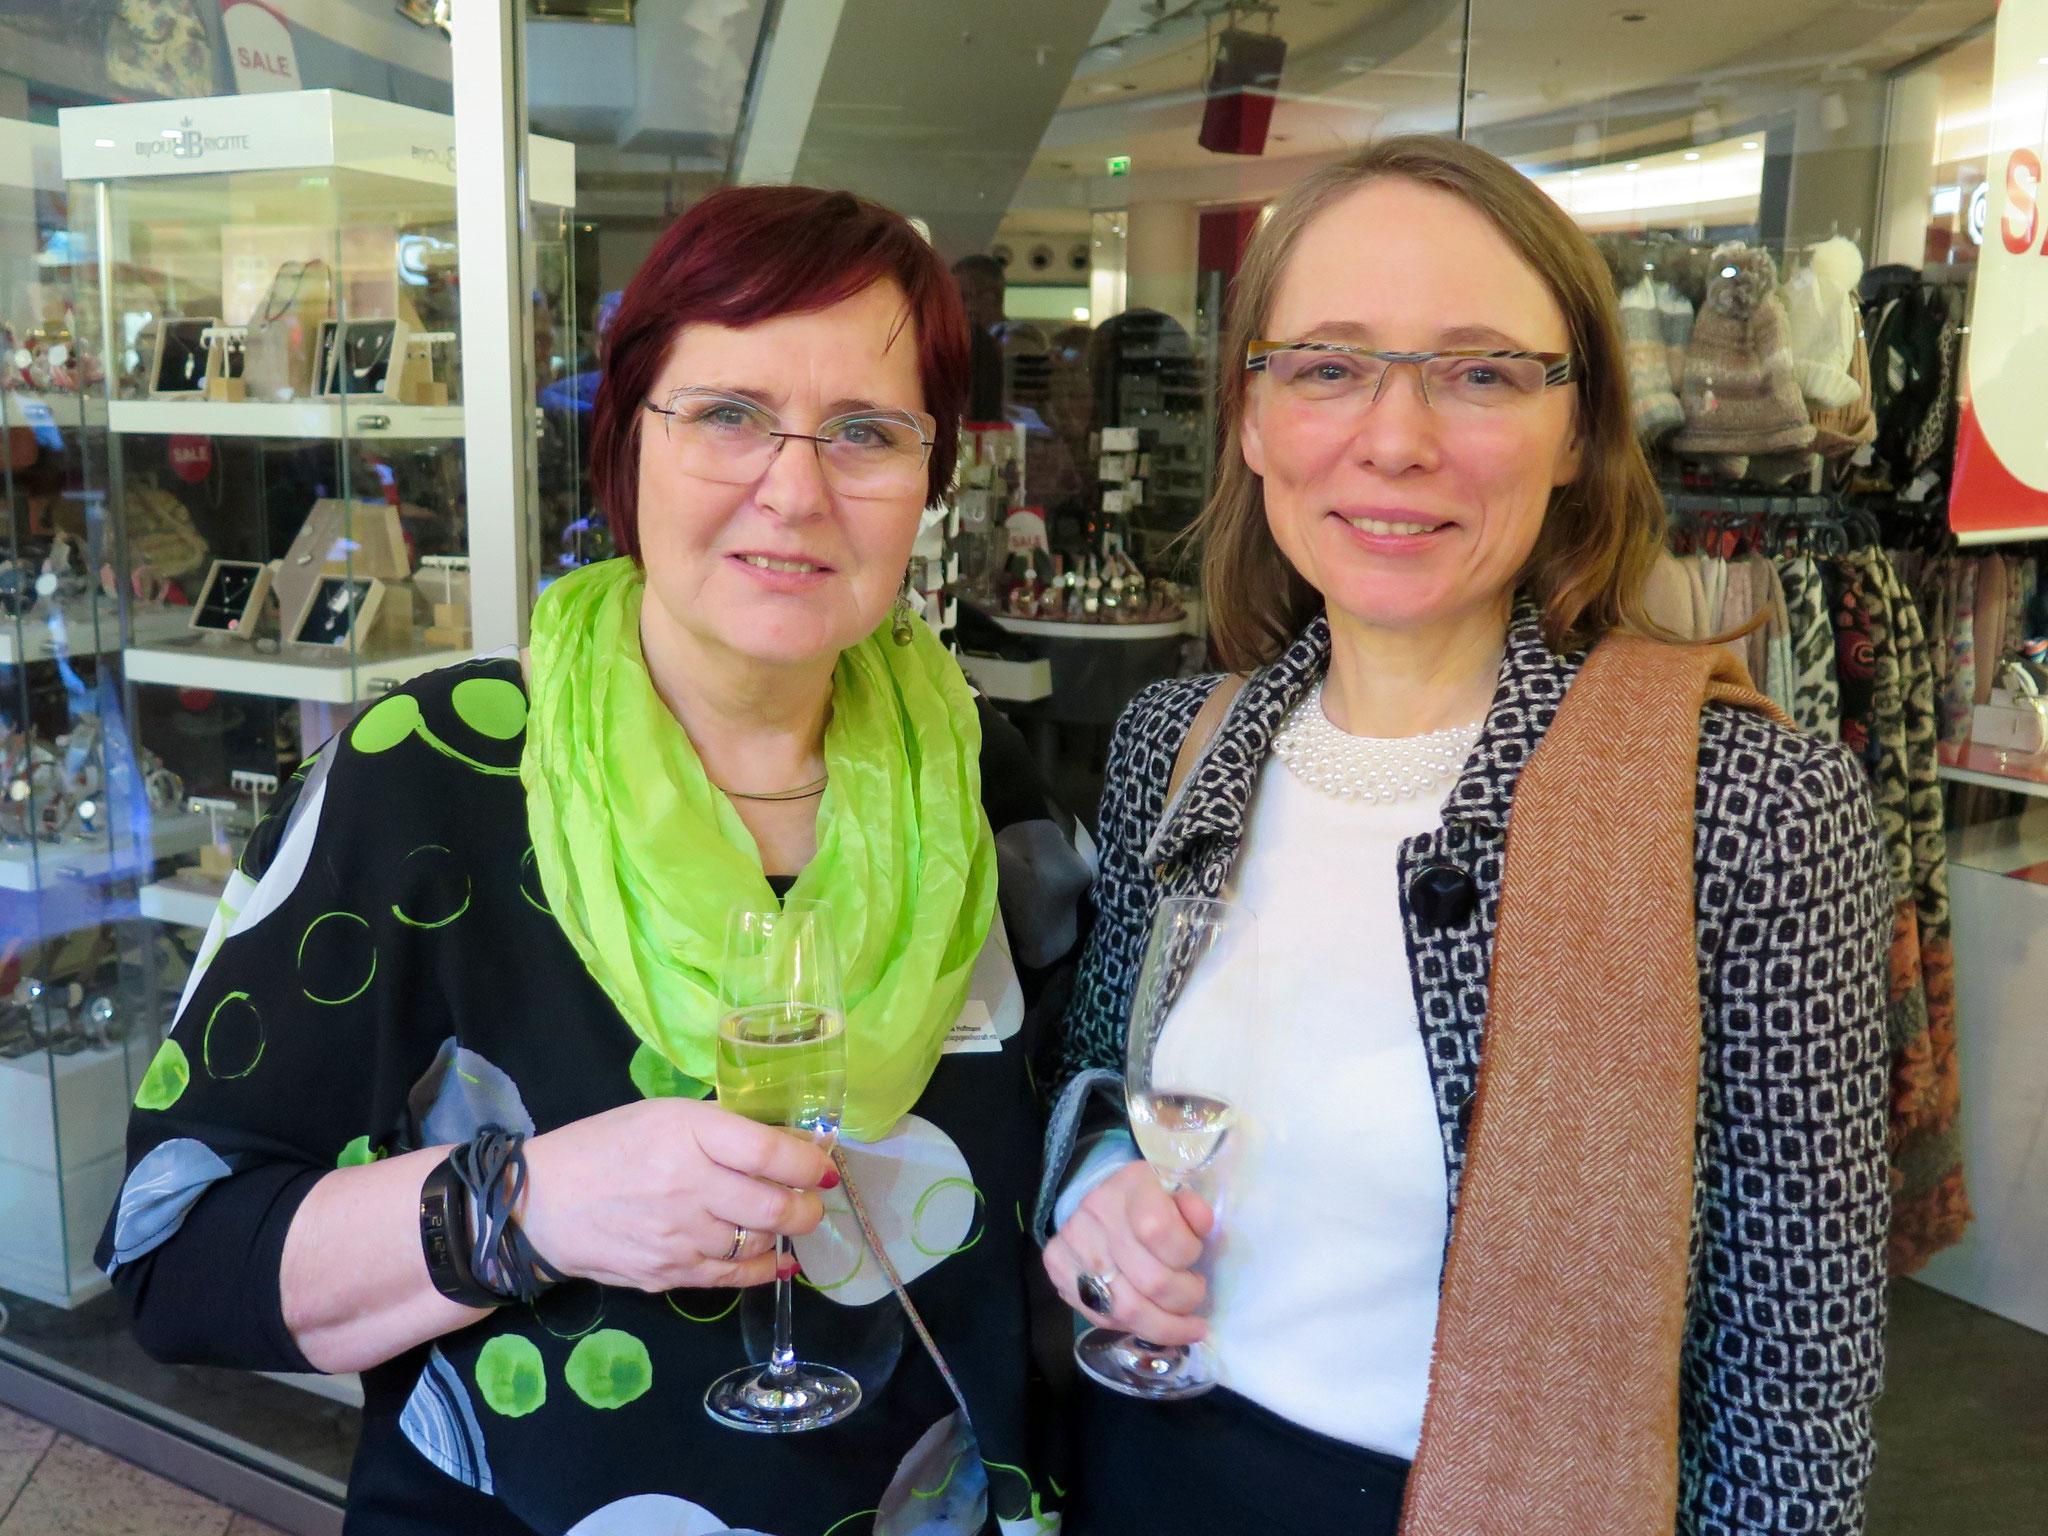 Regina Hoffmann und Heike Thürsam (aperçu Verlagsgesellschaft mbH)